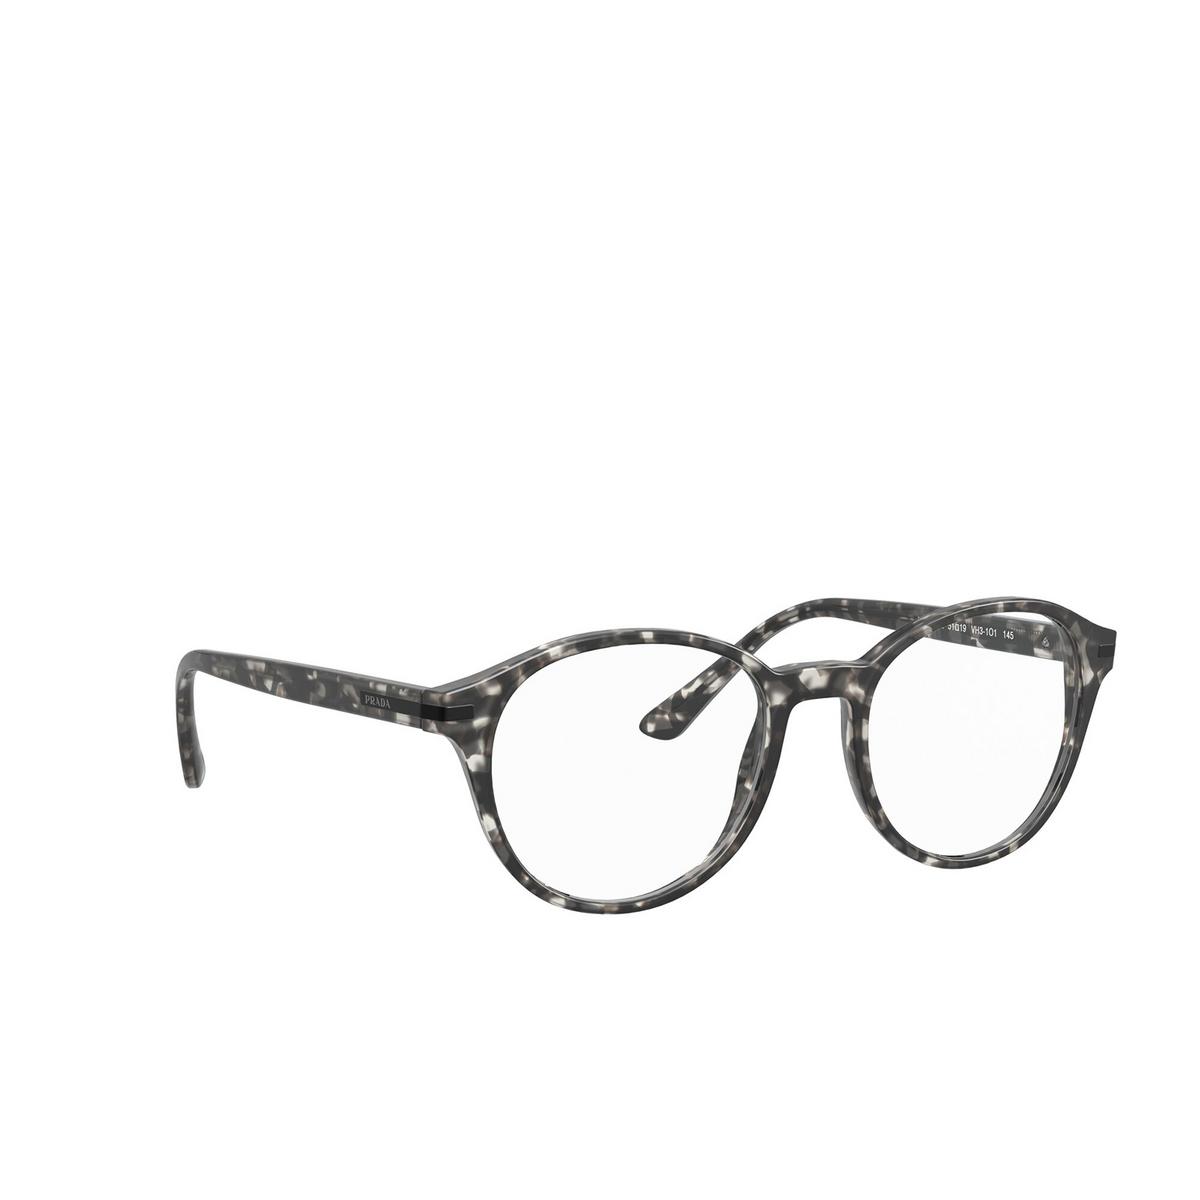 Prada® Round Eyeglasses: PR 13WV color Matte Grey Tortoise VH31O1 - three-quarters view.